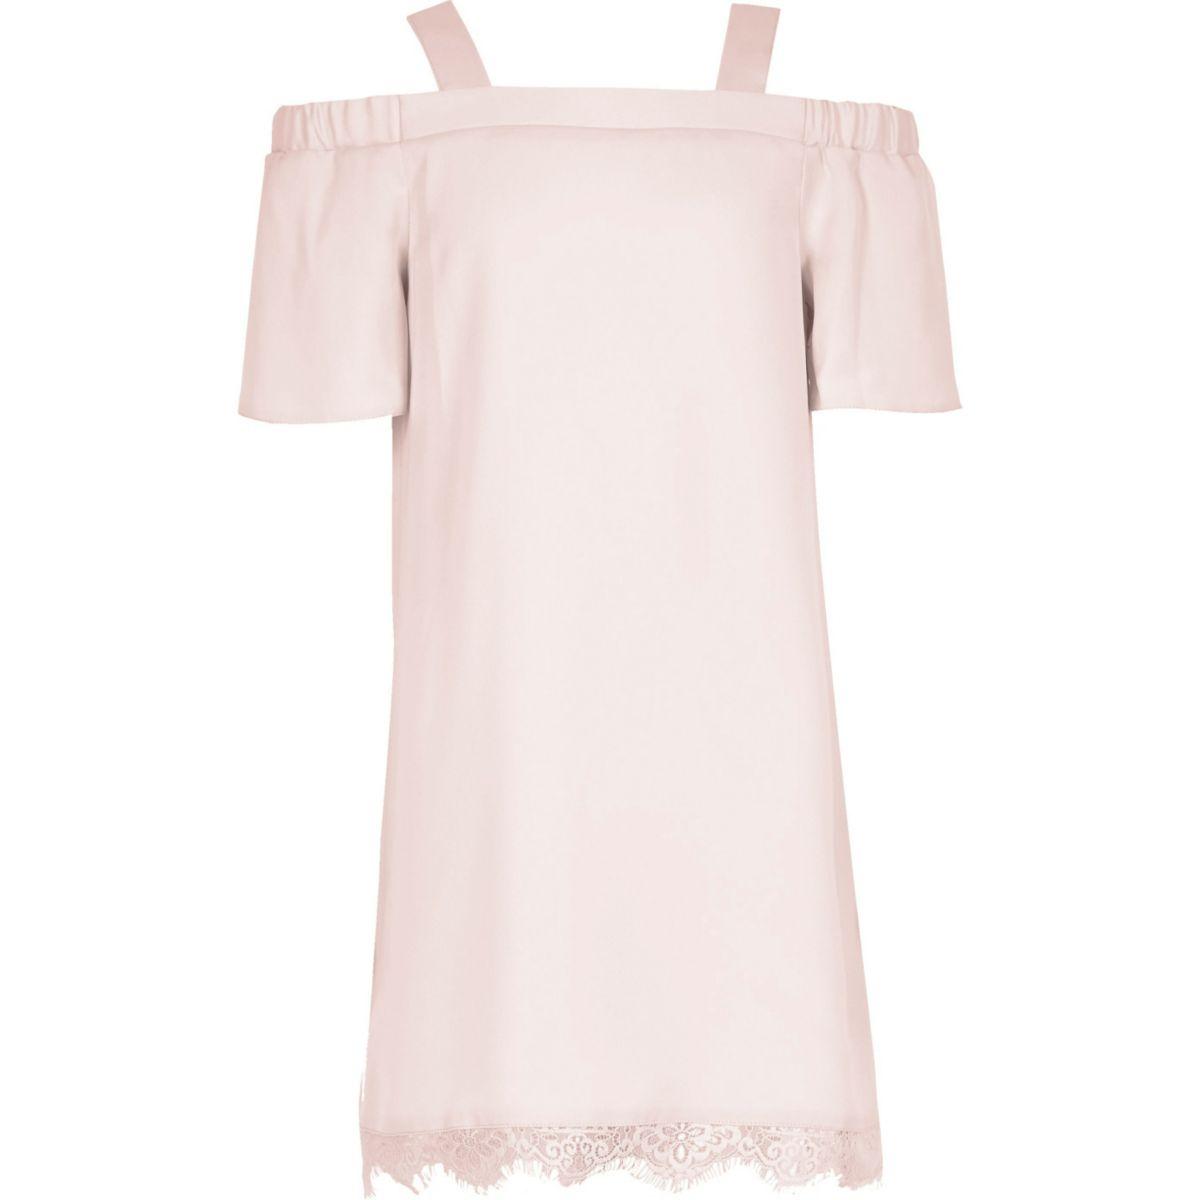 Girls pink cold shoulder lace dress